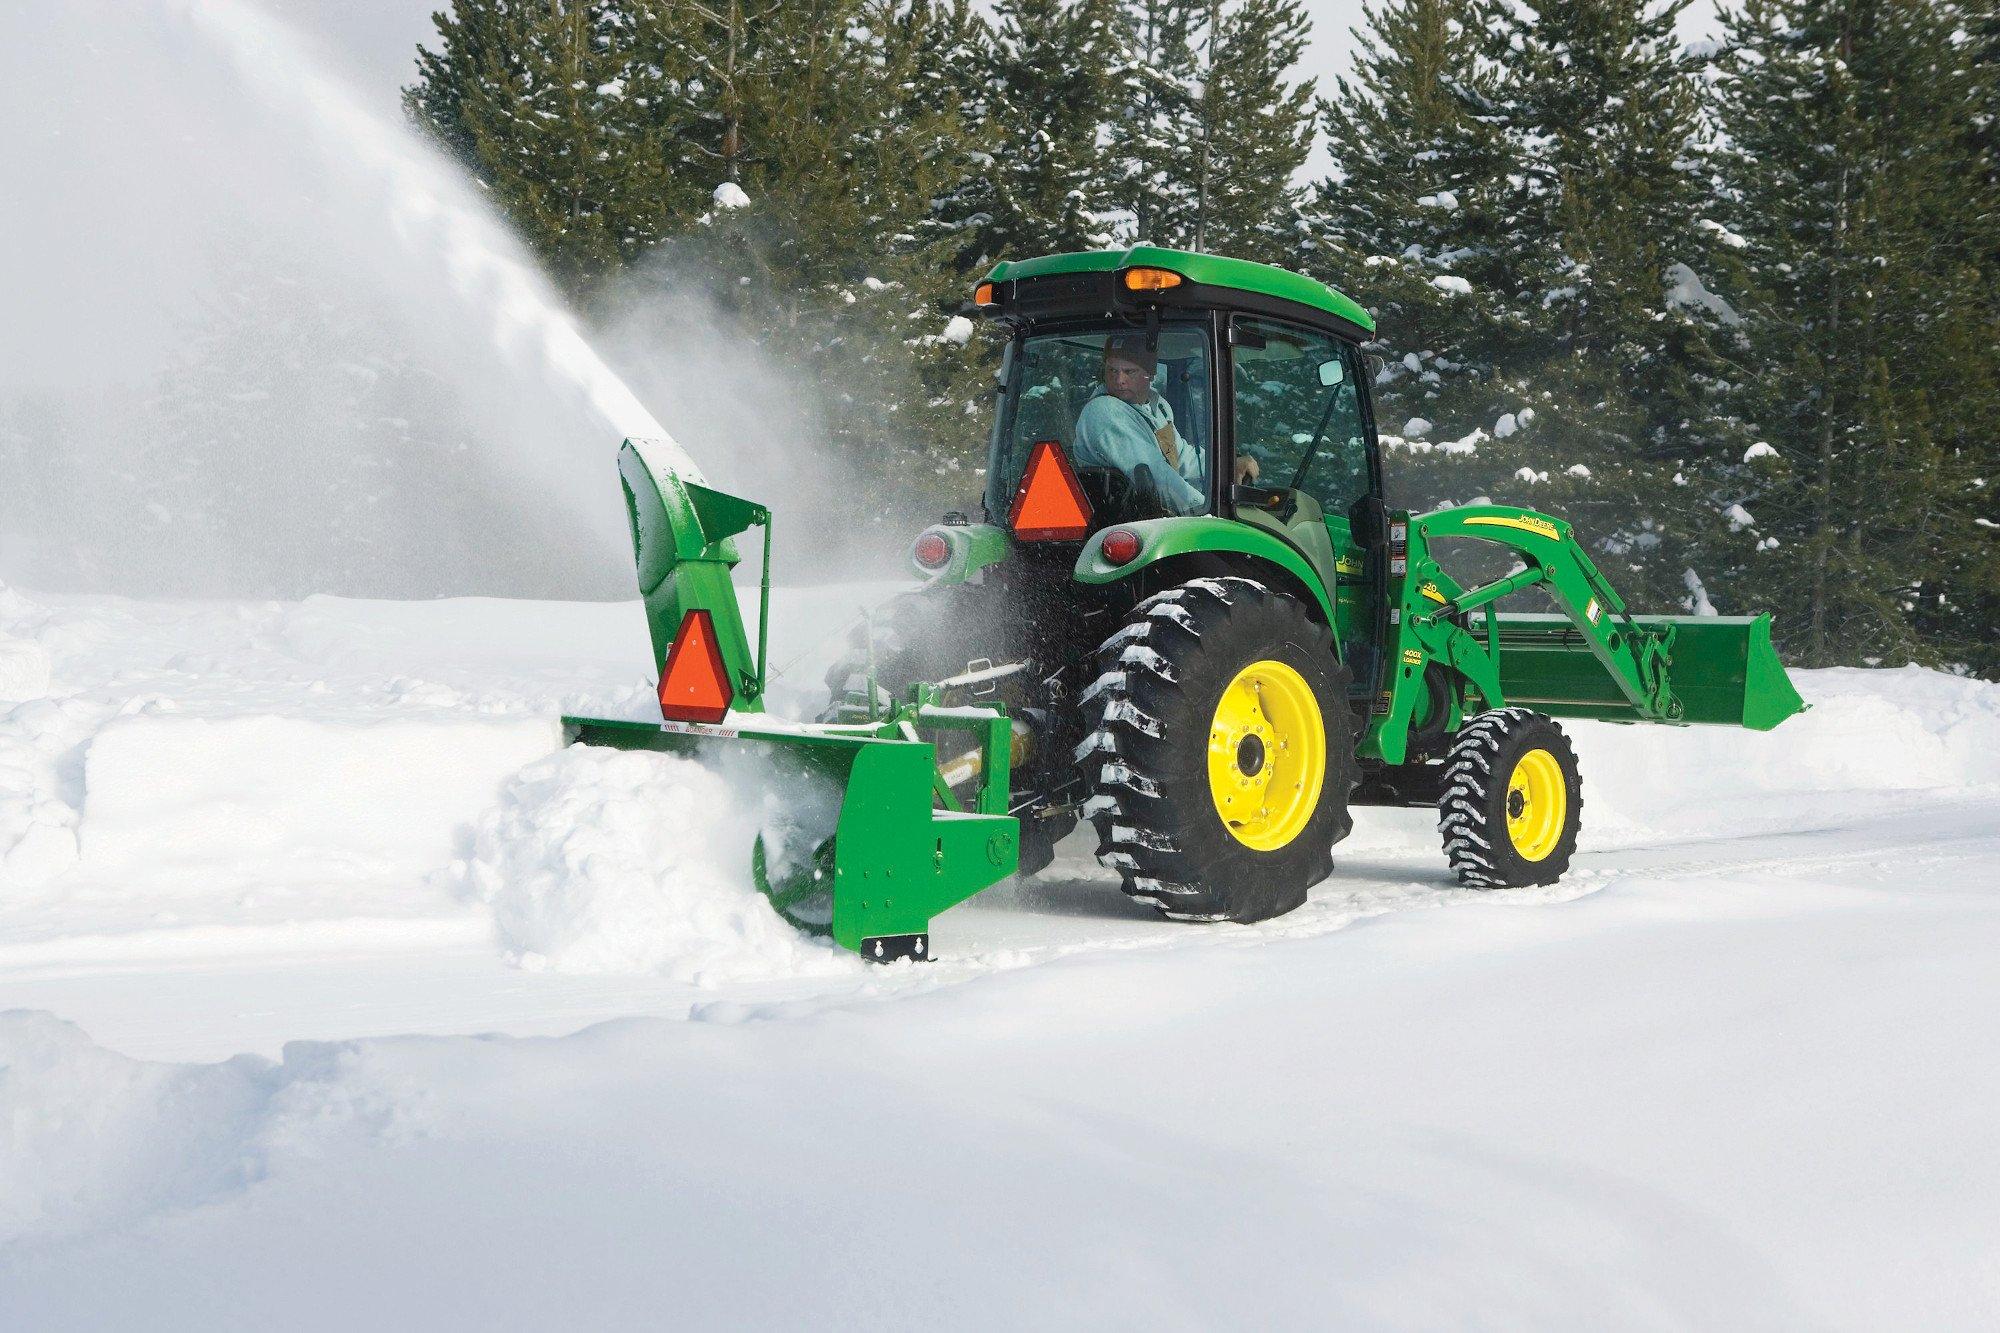 John Deere 3046R with Frontier Snow Blower